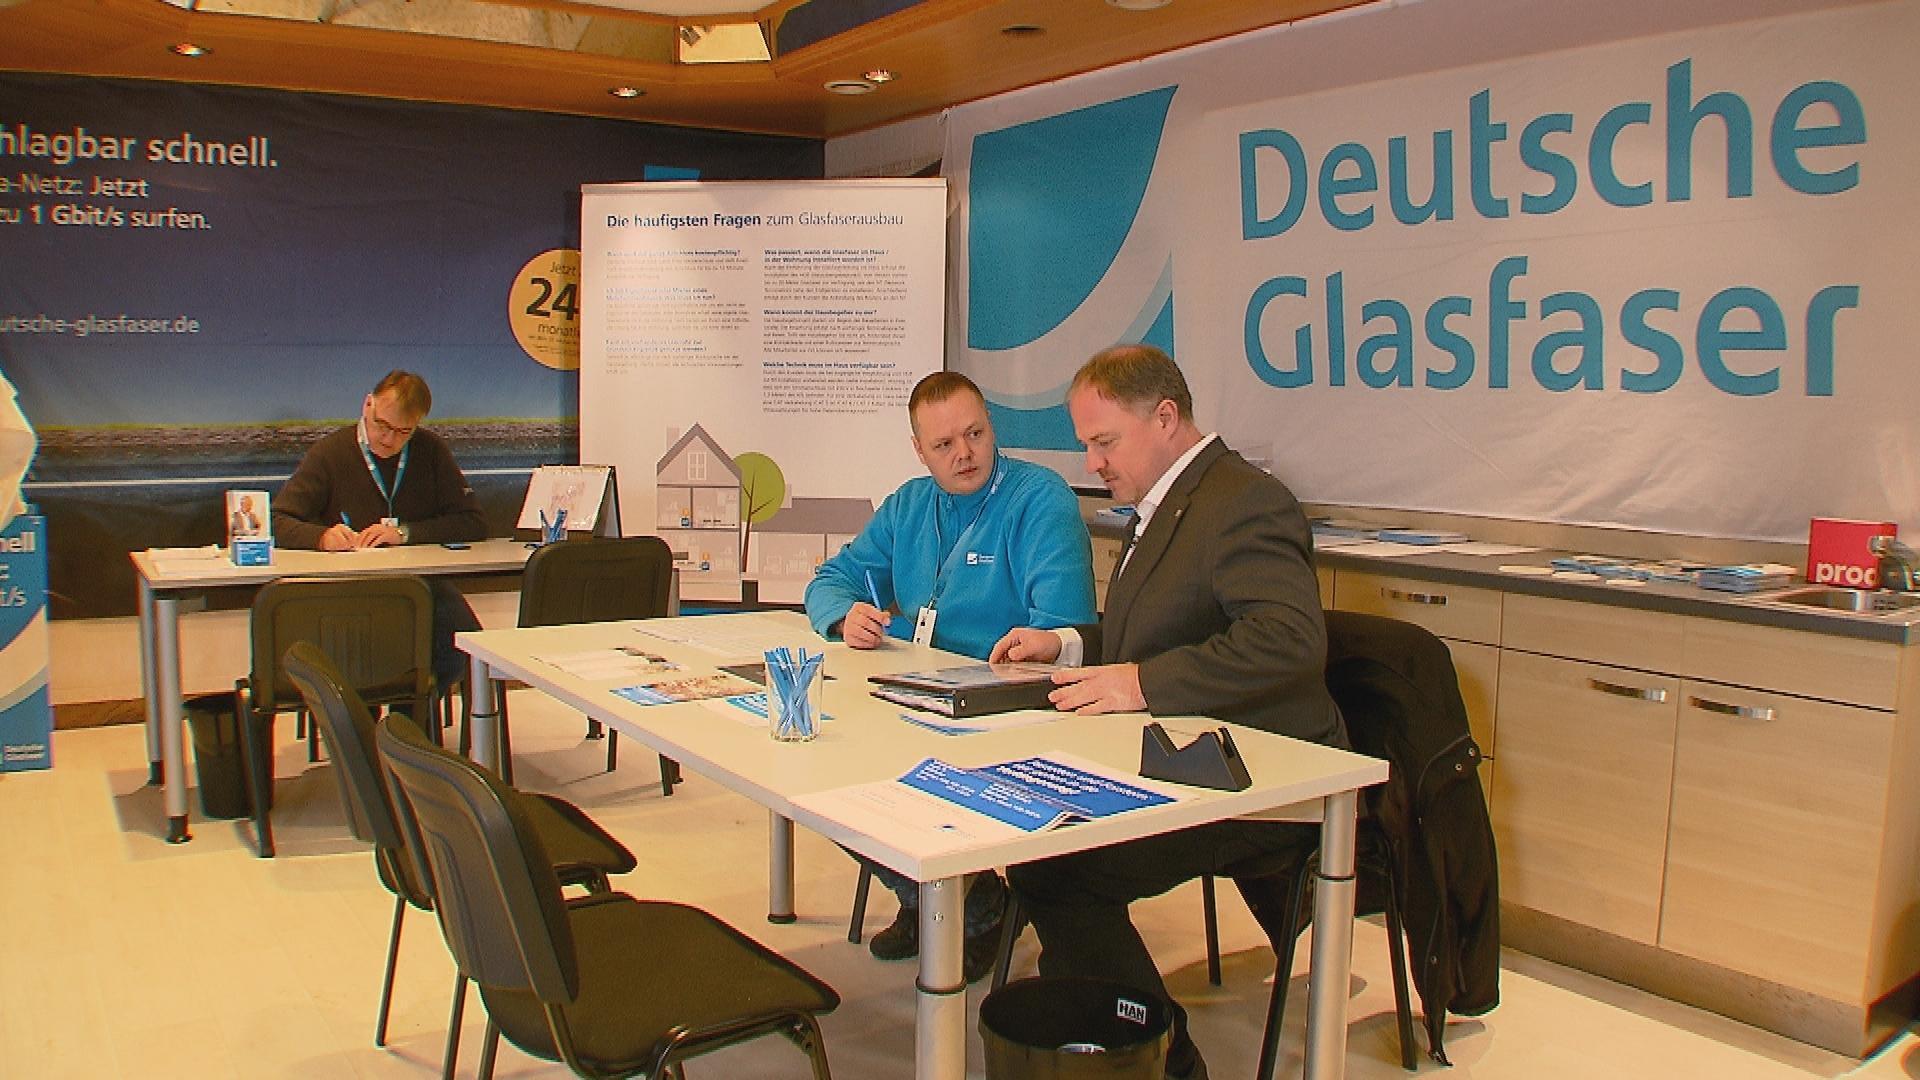 Monatelang warben Peterander (rechts) und seine Kollegen für den Glasfaserausbau - hier sitzen sie im extra eingerichteten Servicezentrum.